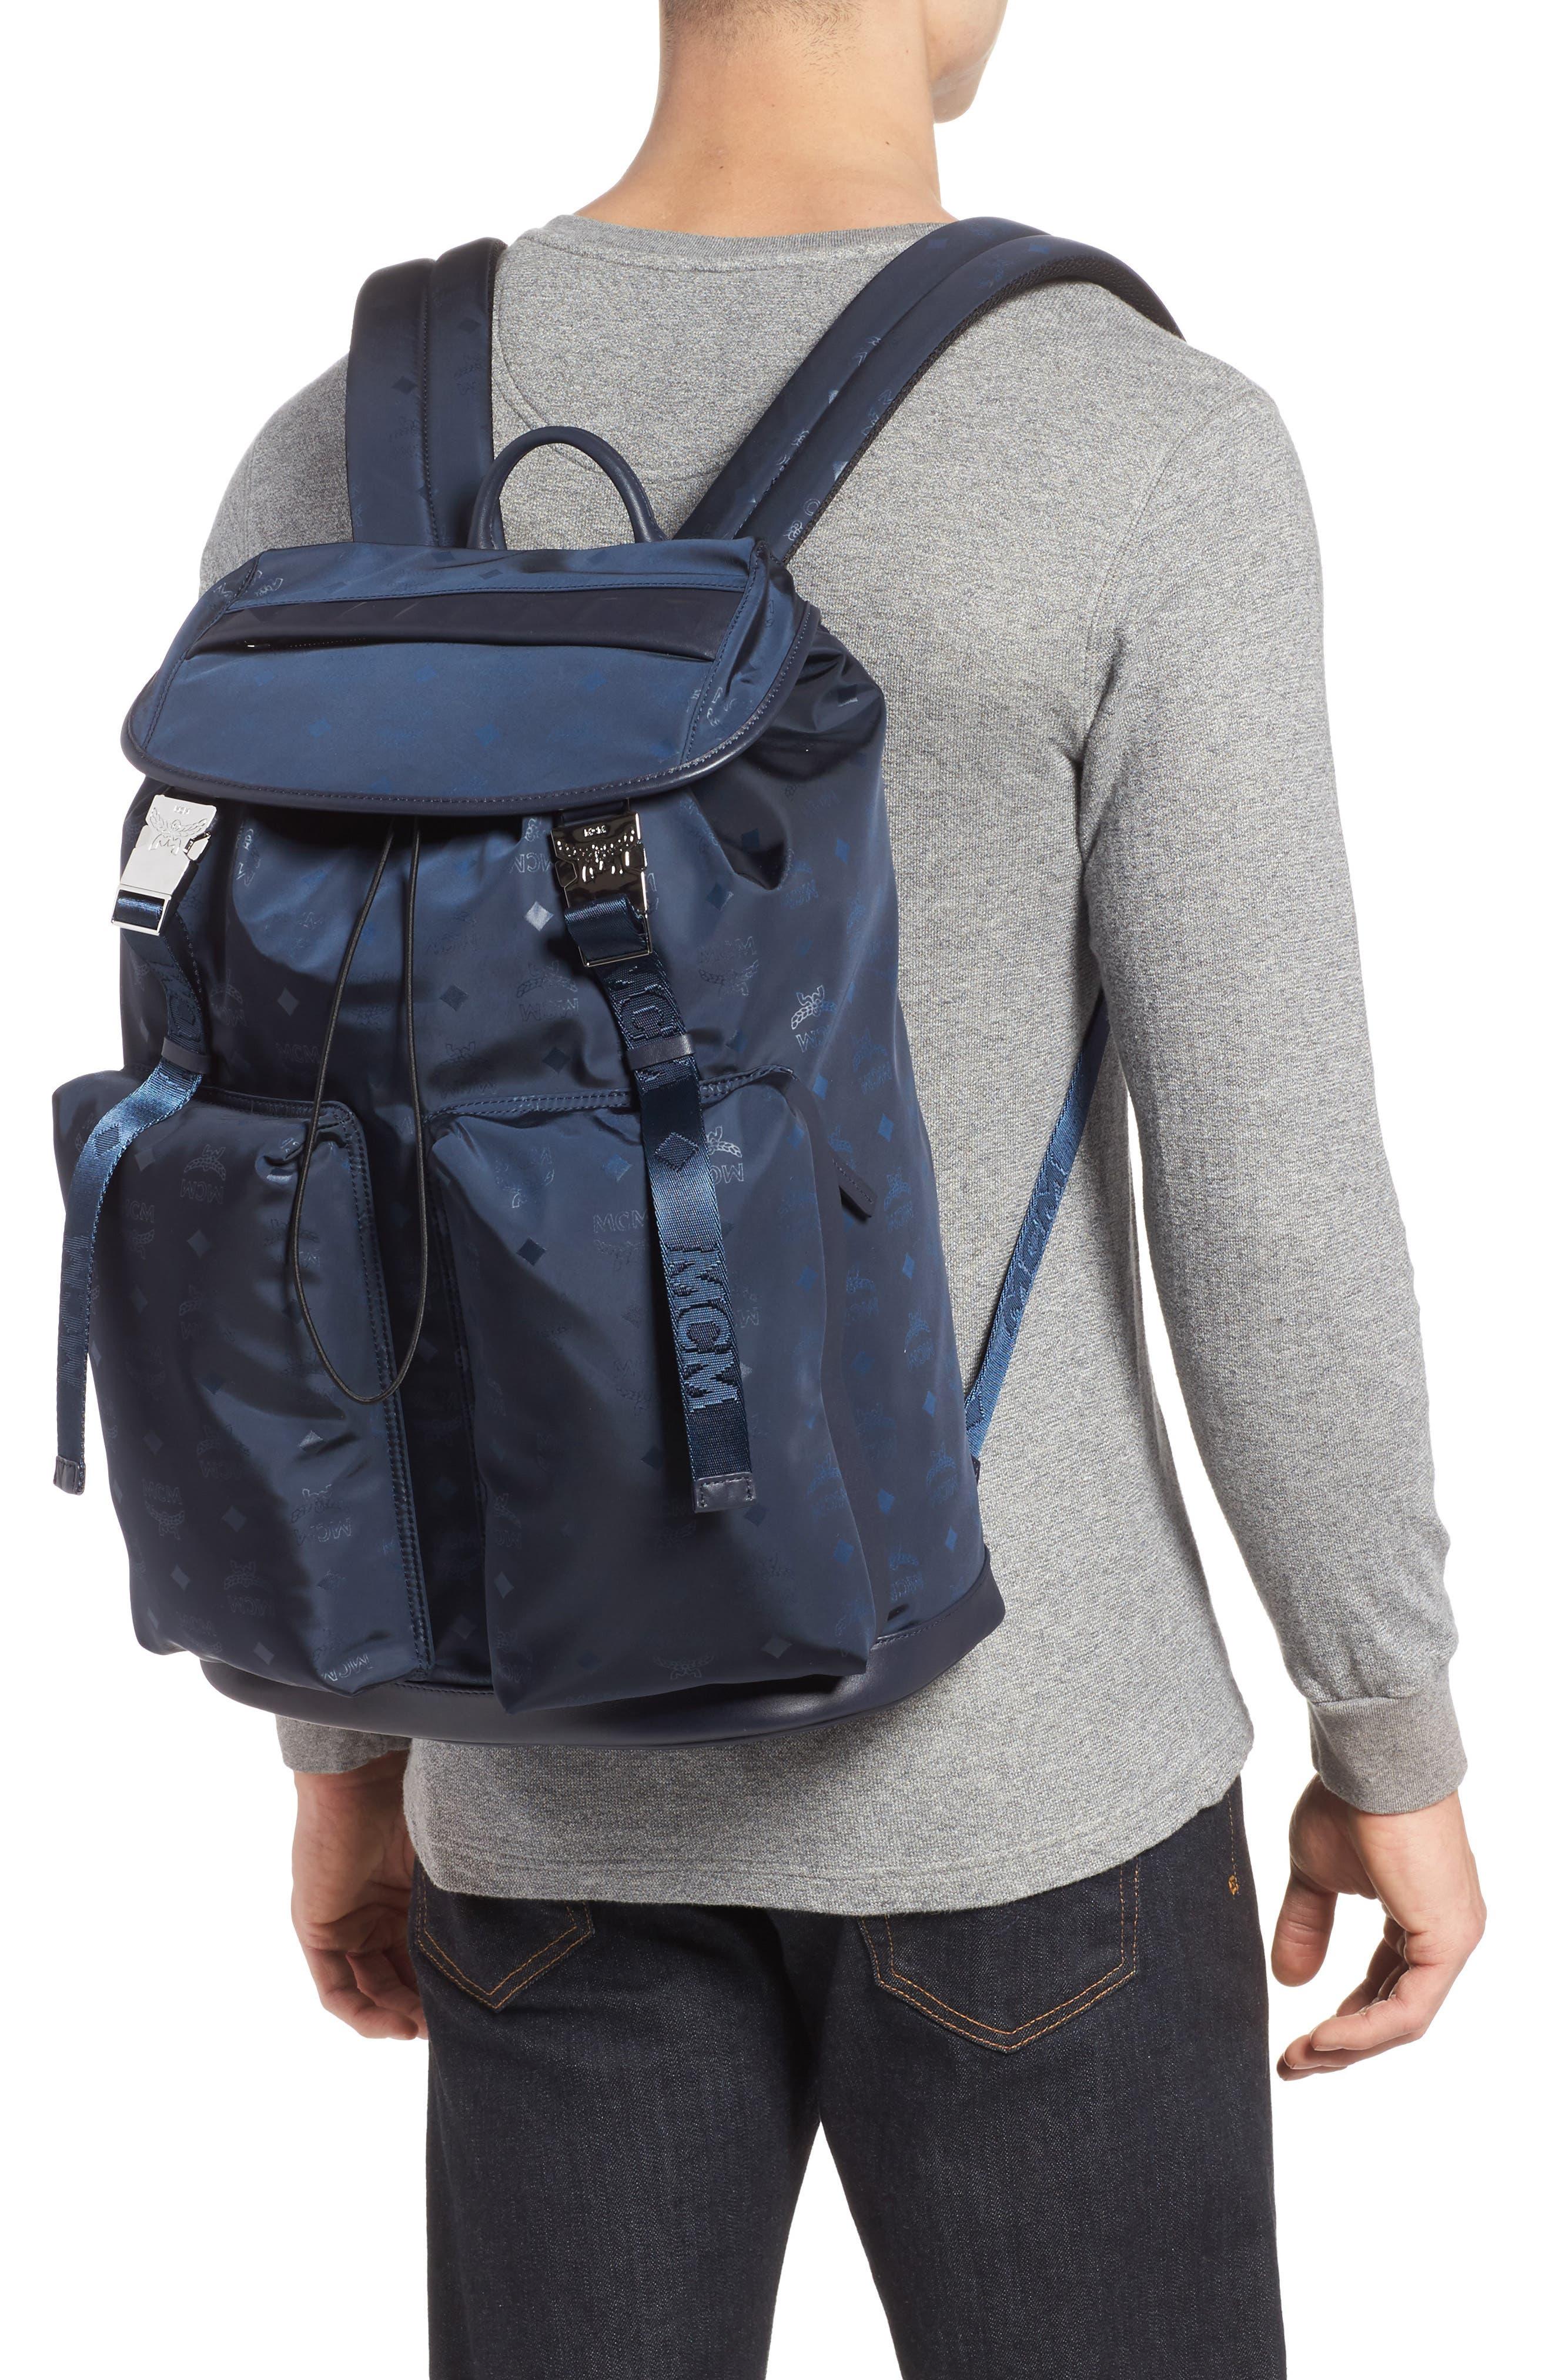 Dieter Backpack,                             Alternate thumbnail 2, color,                             NAVY BLUE